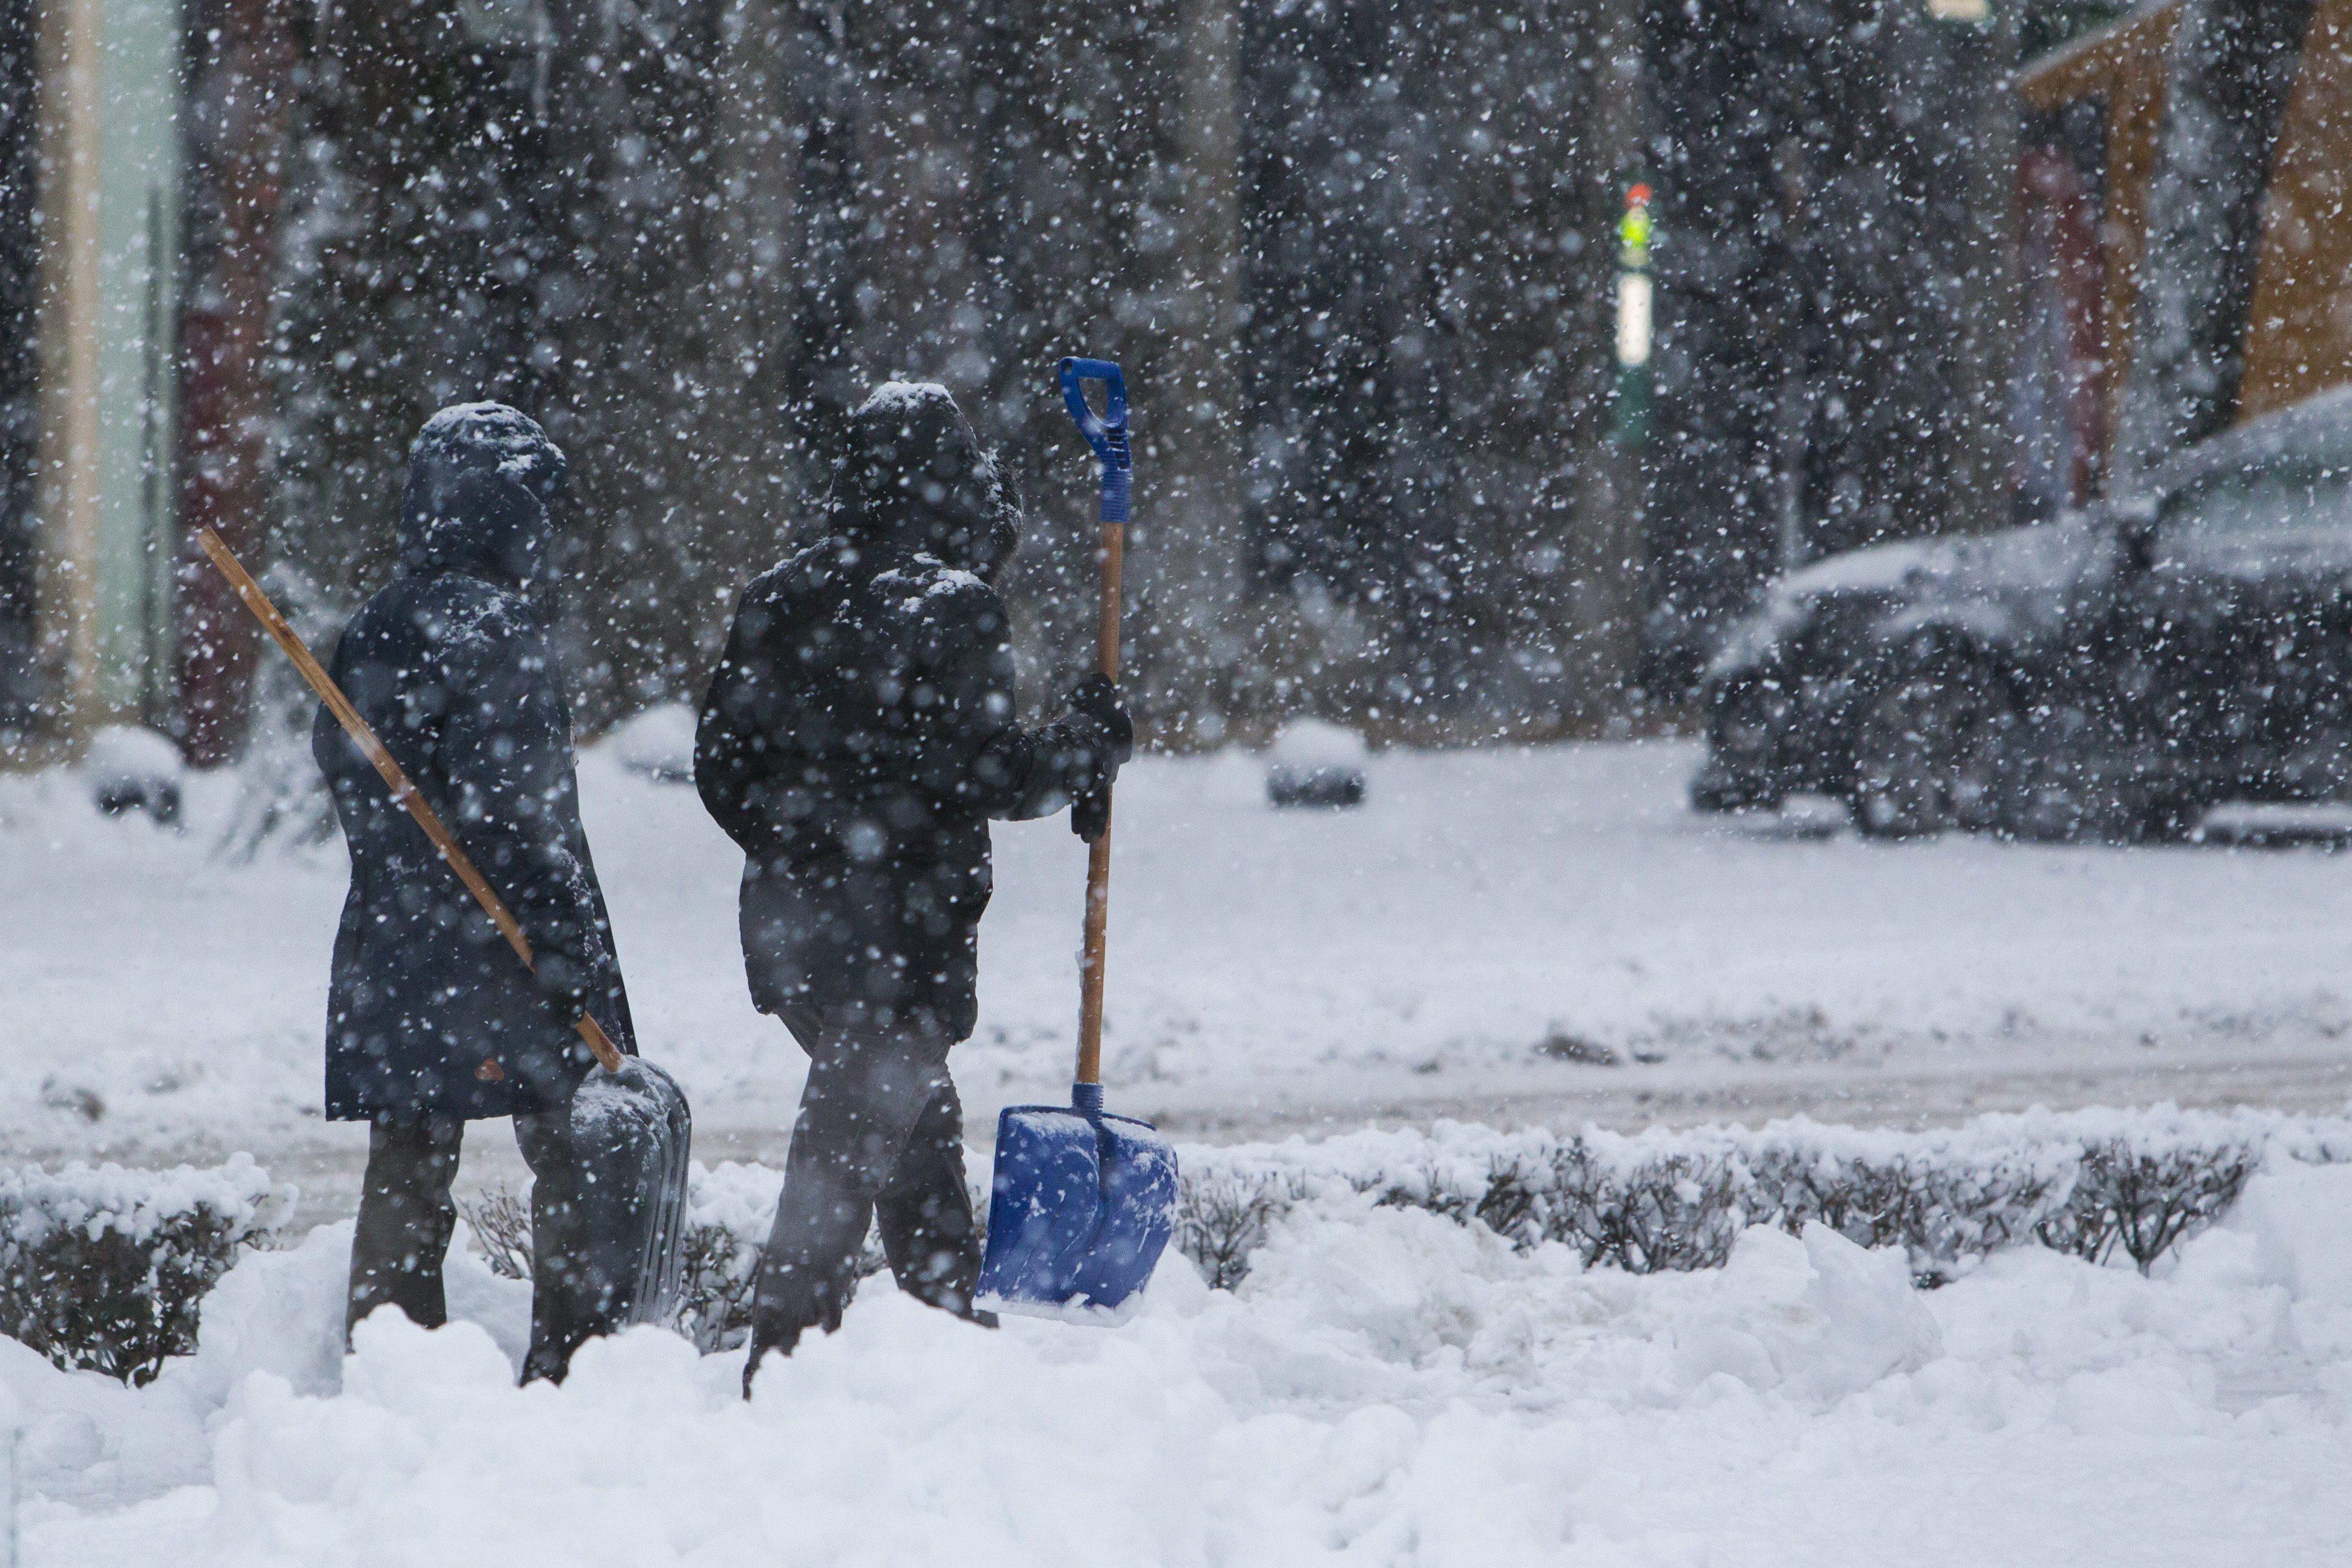 Heavy snowfall in Nagykanizsa, Hungary